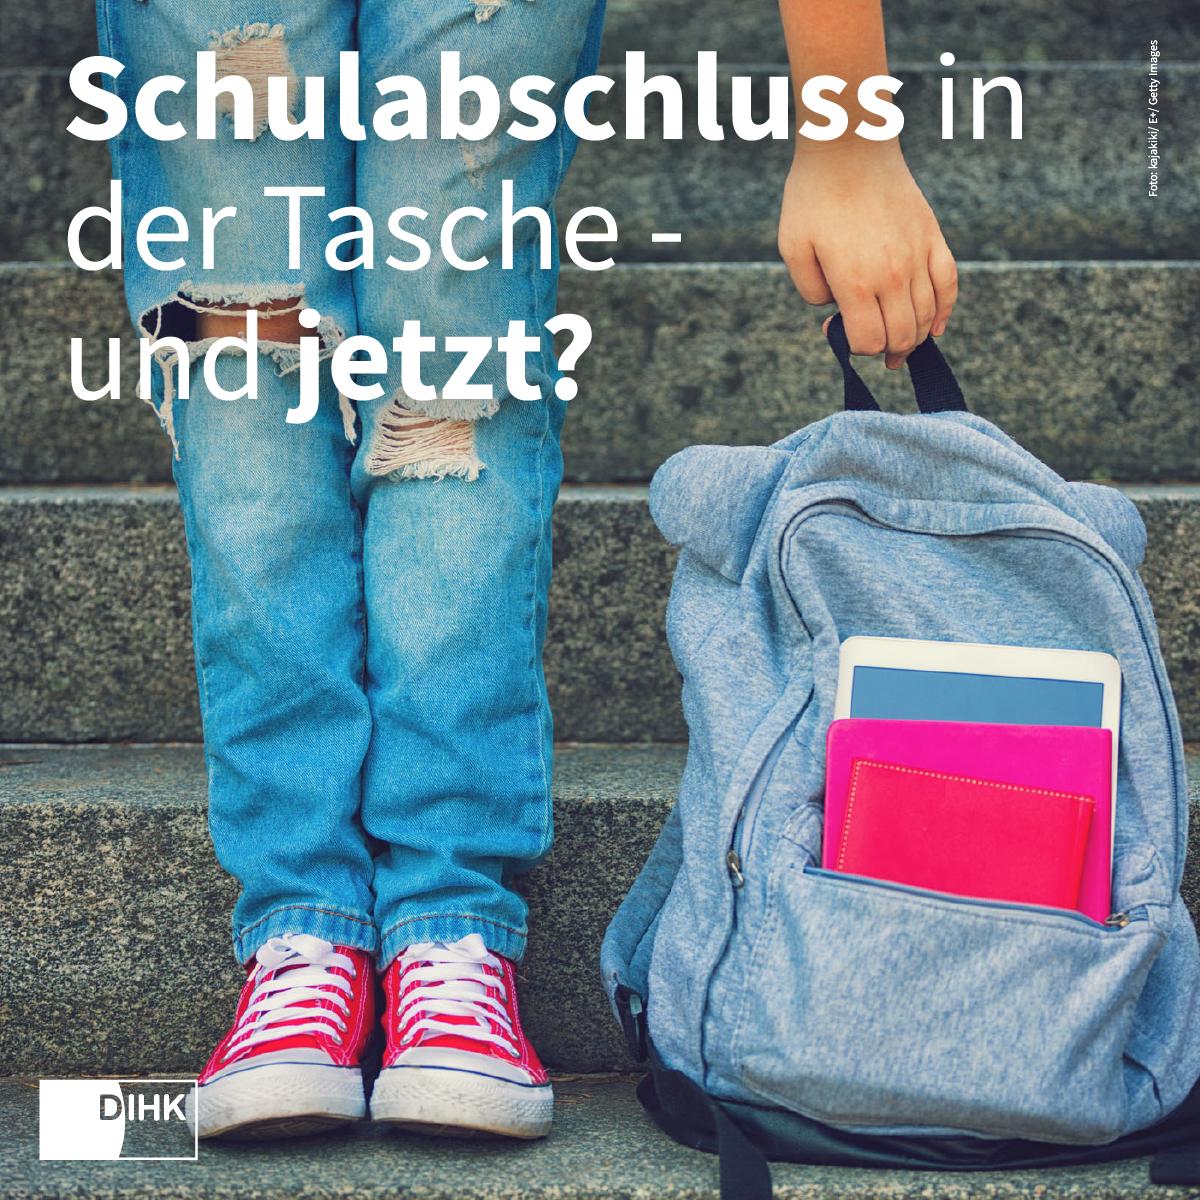 Beine einer/eiens Jugendlichen mit zerrissenen Jeans, der/die auf einer Treppe neben einem Schul-Rucksack steht